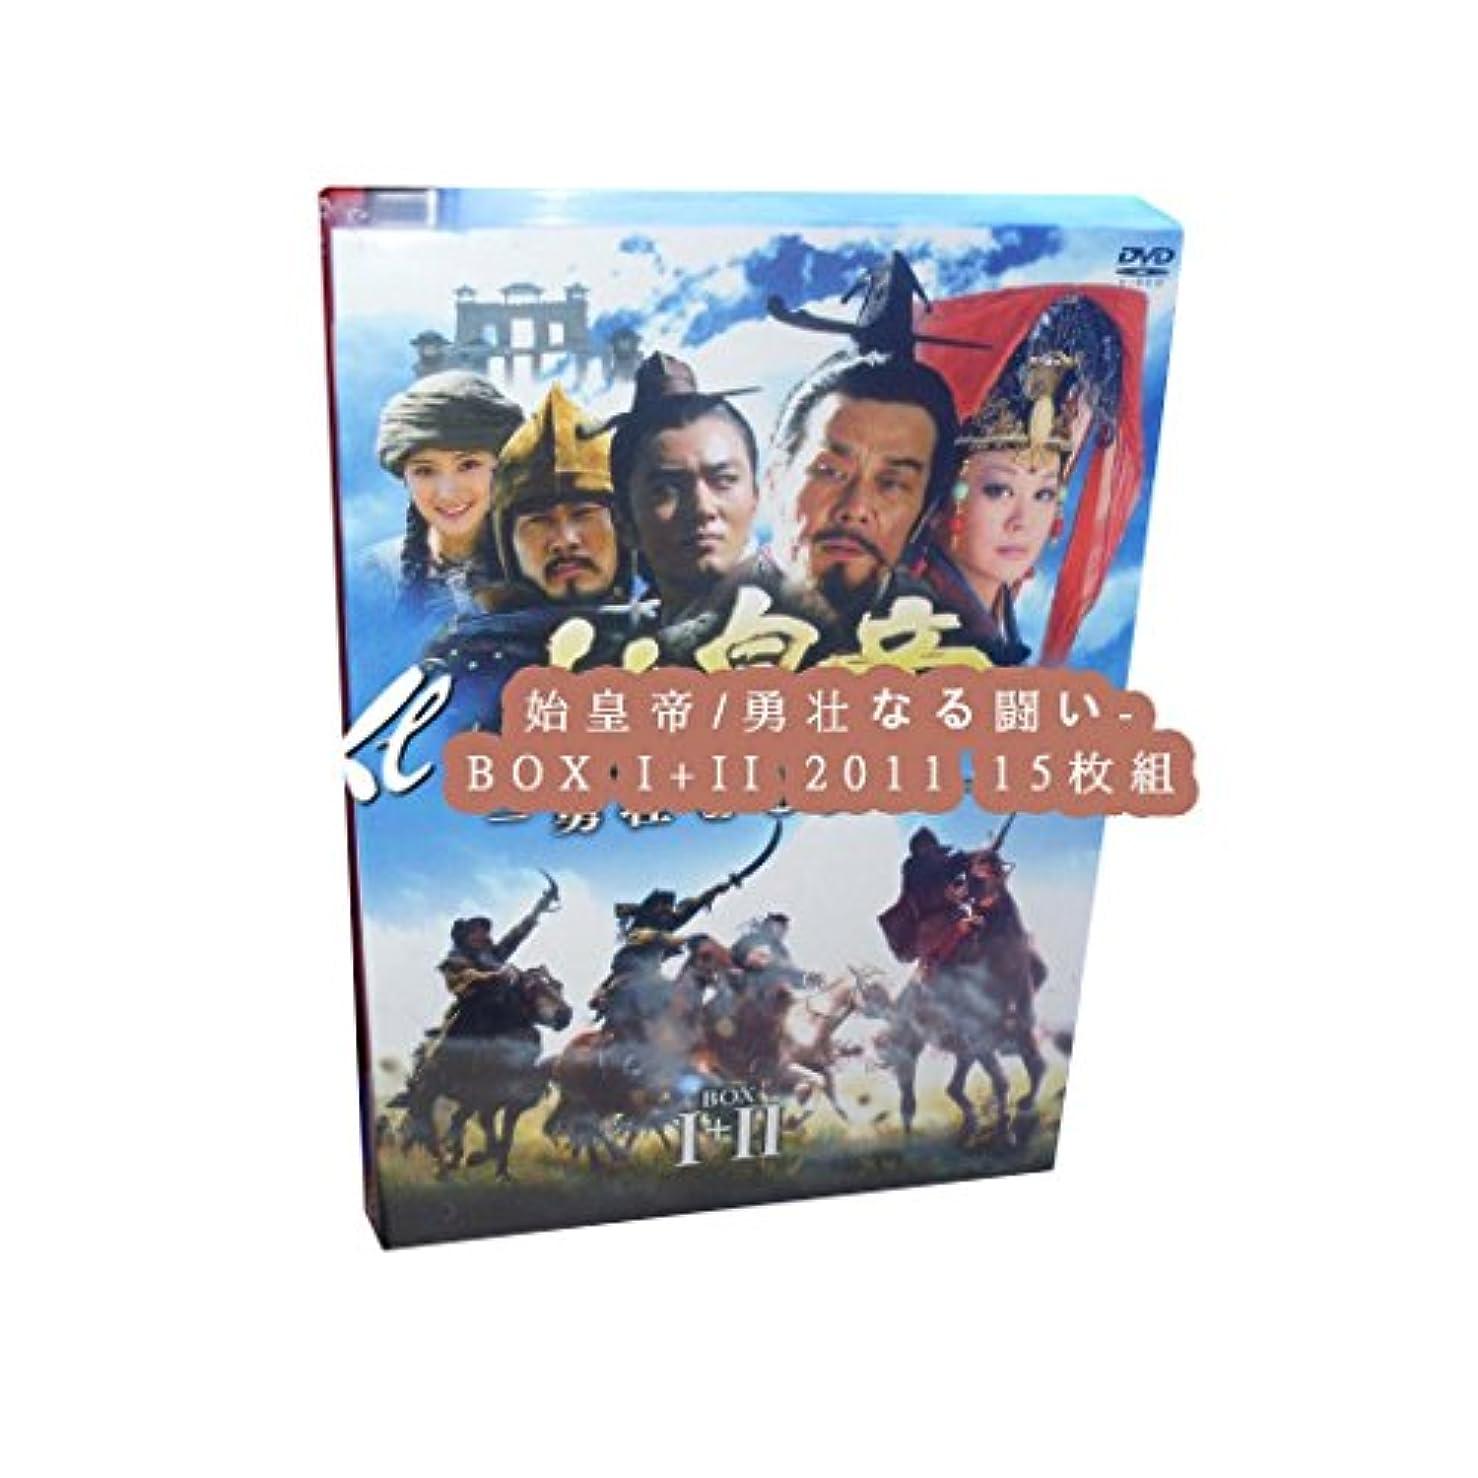 あなたは間違っているチョコレート始皇帝 -勇壮なる闘い- BOX I+II 2011